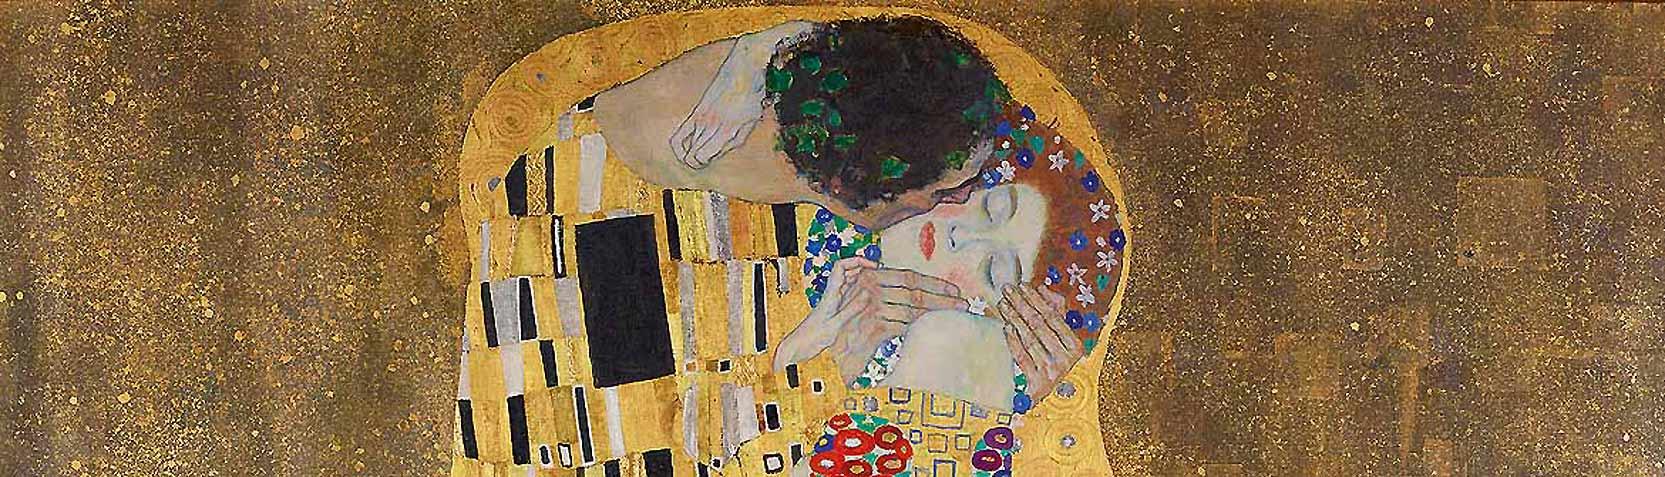 Kolleksjoner - Malerier av kjærlighet